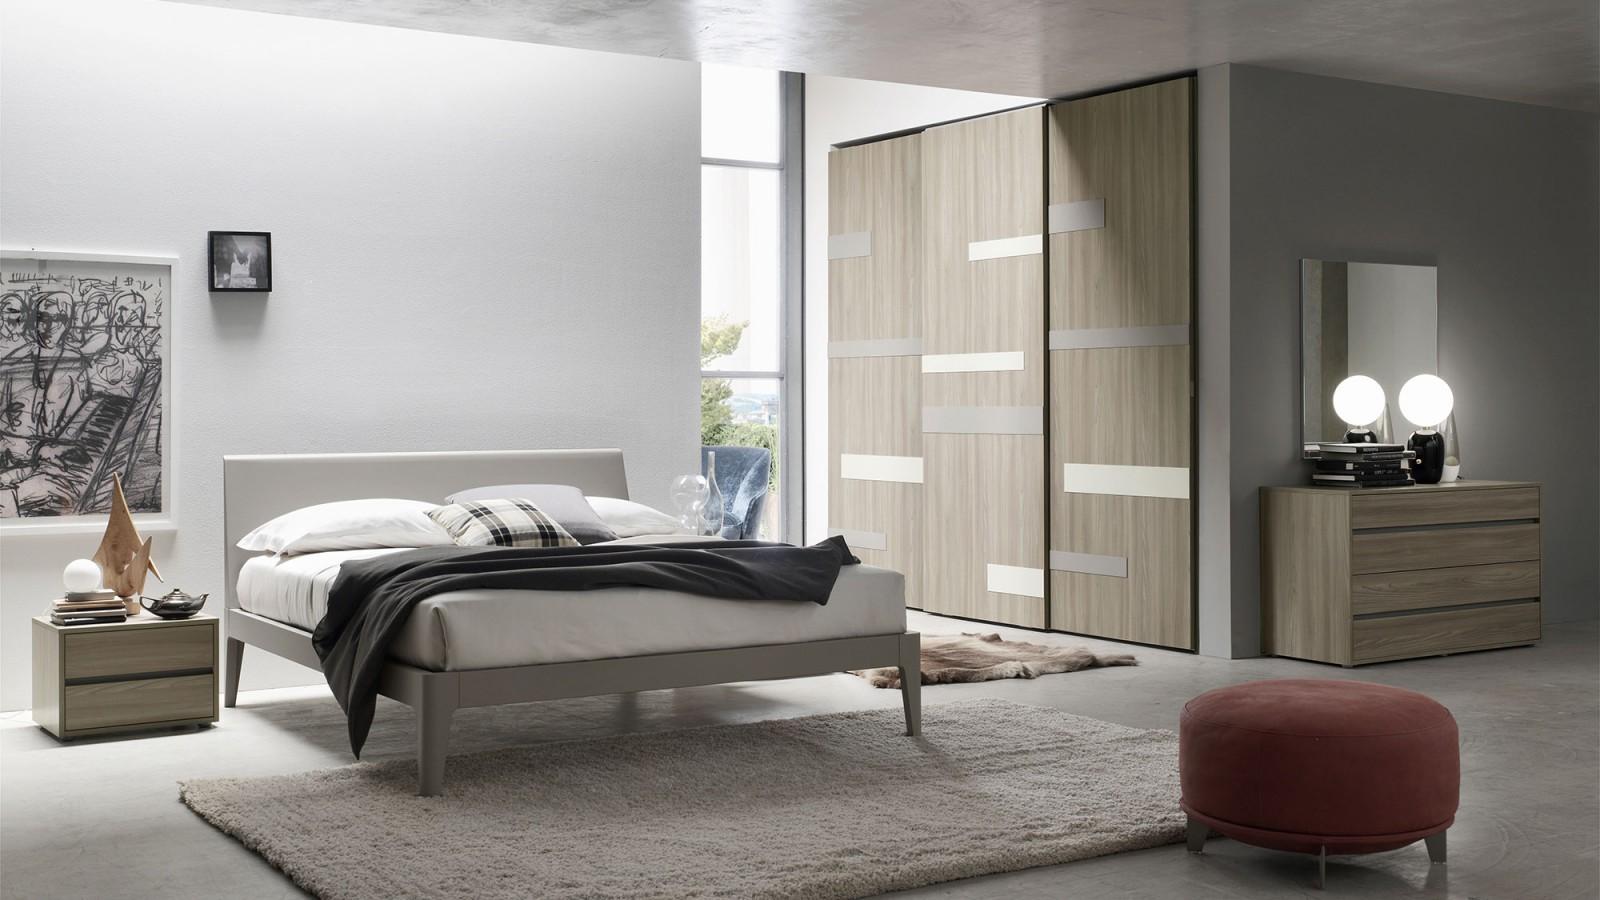 Arredamenti milano cheap mobili arredamenti milano vaprio for Milano arredamento